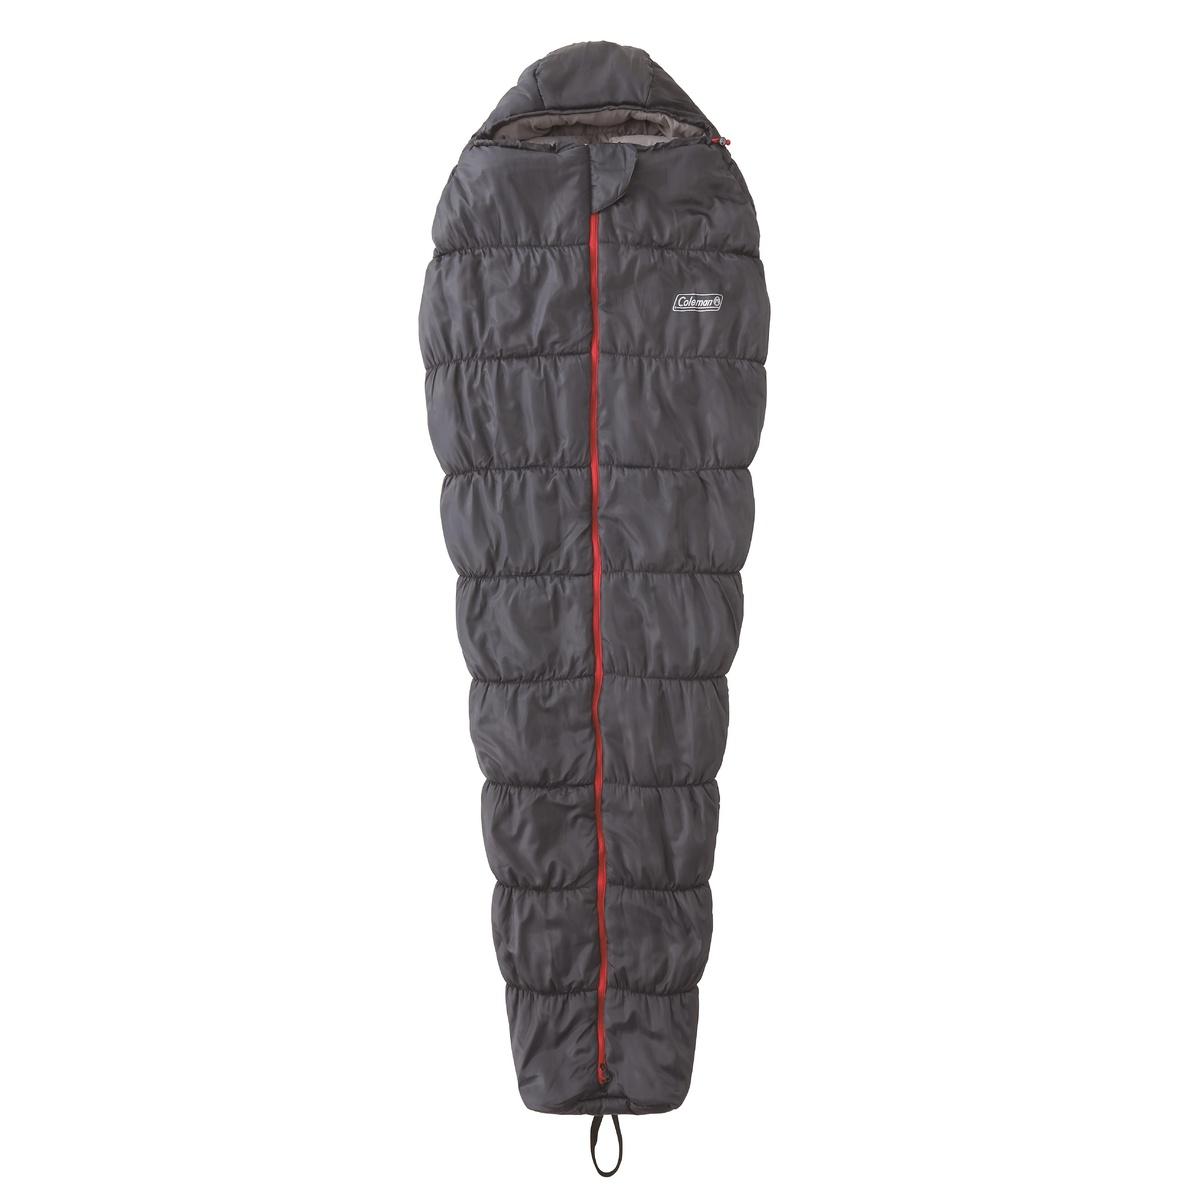 ● 【送料無料】 COLEMAN (コールマン) キャンプ用品 スリーピングバッグ 寝袋 マミー型 コルネットストレッチ/L-5 (ネイビー) 2000031103